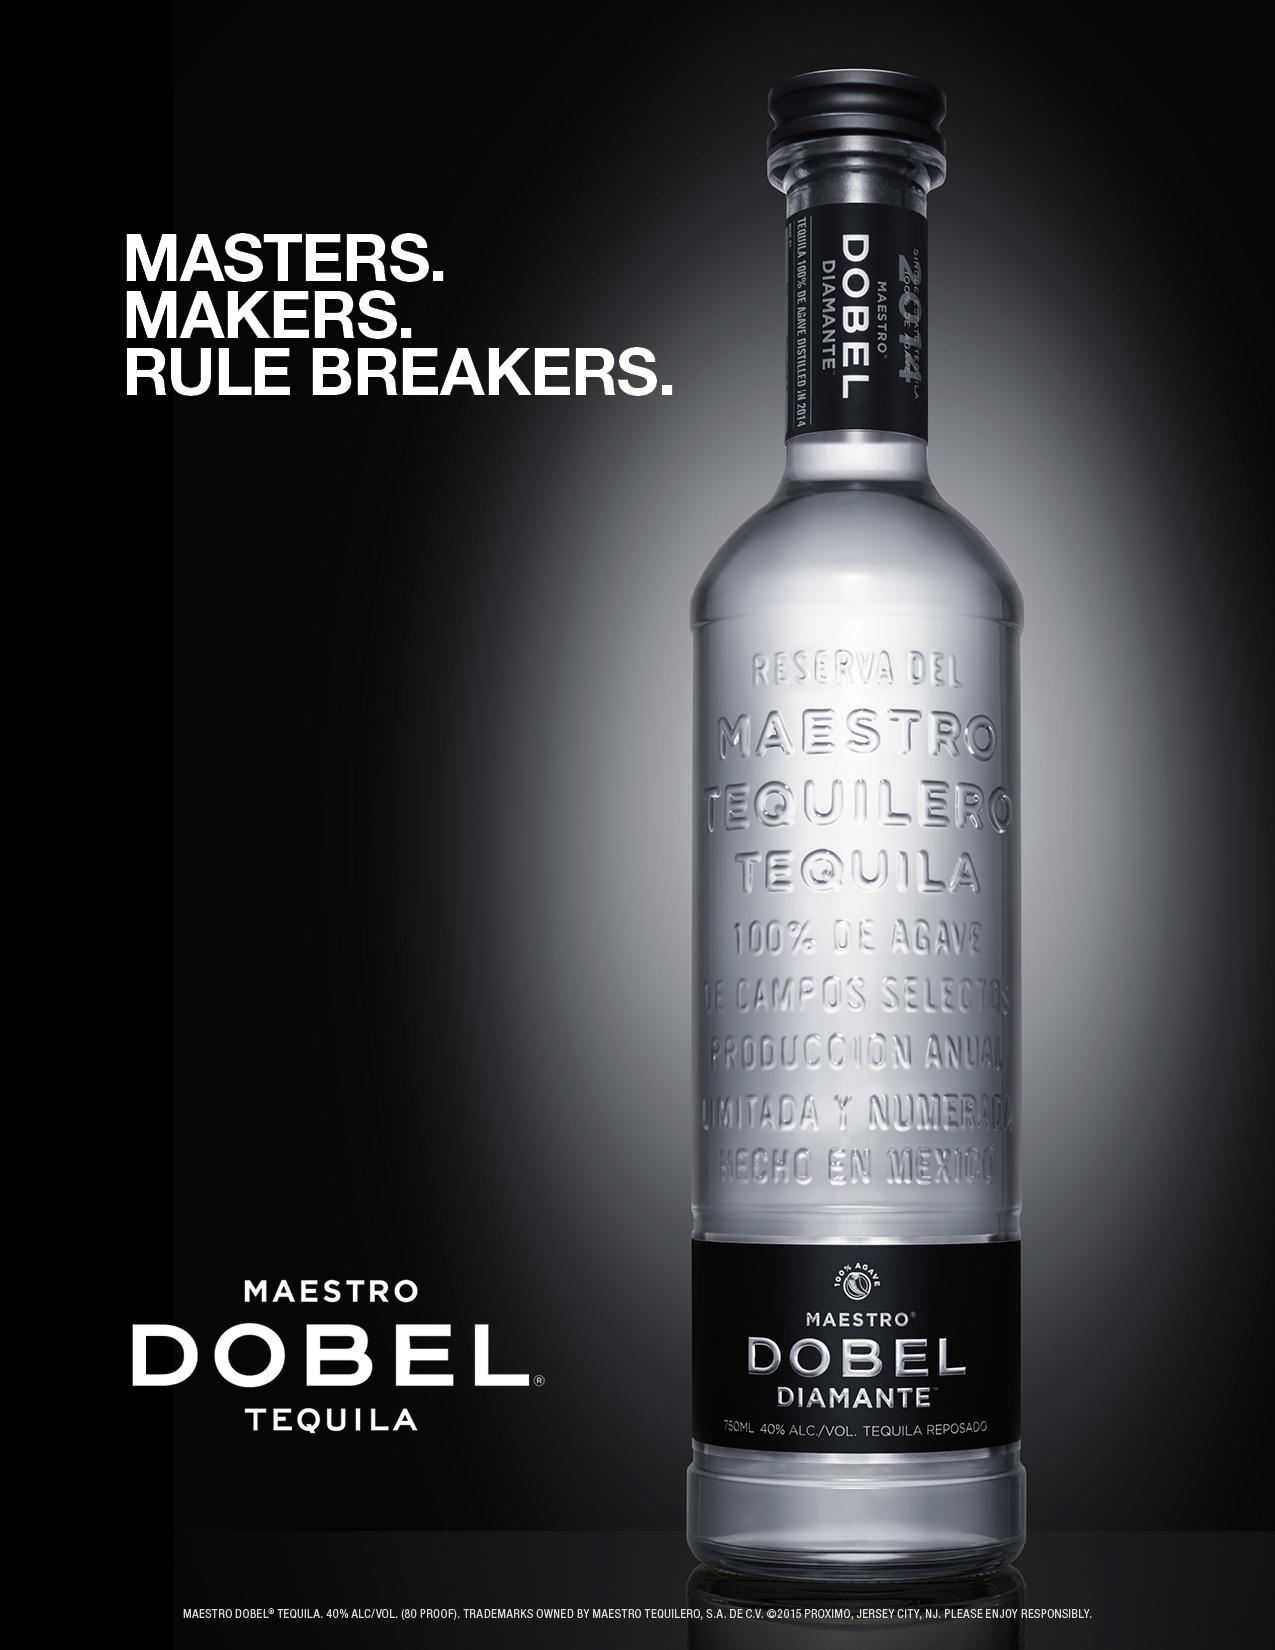 03-0408-DOBEL-Ads-3.jpg